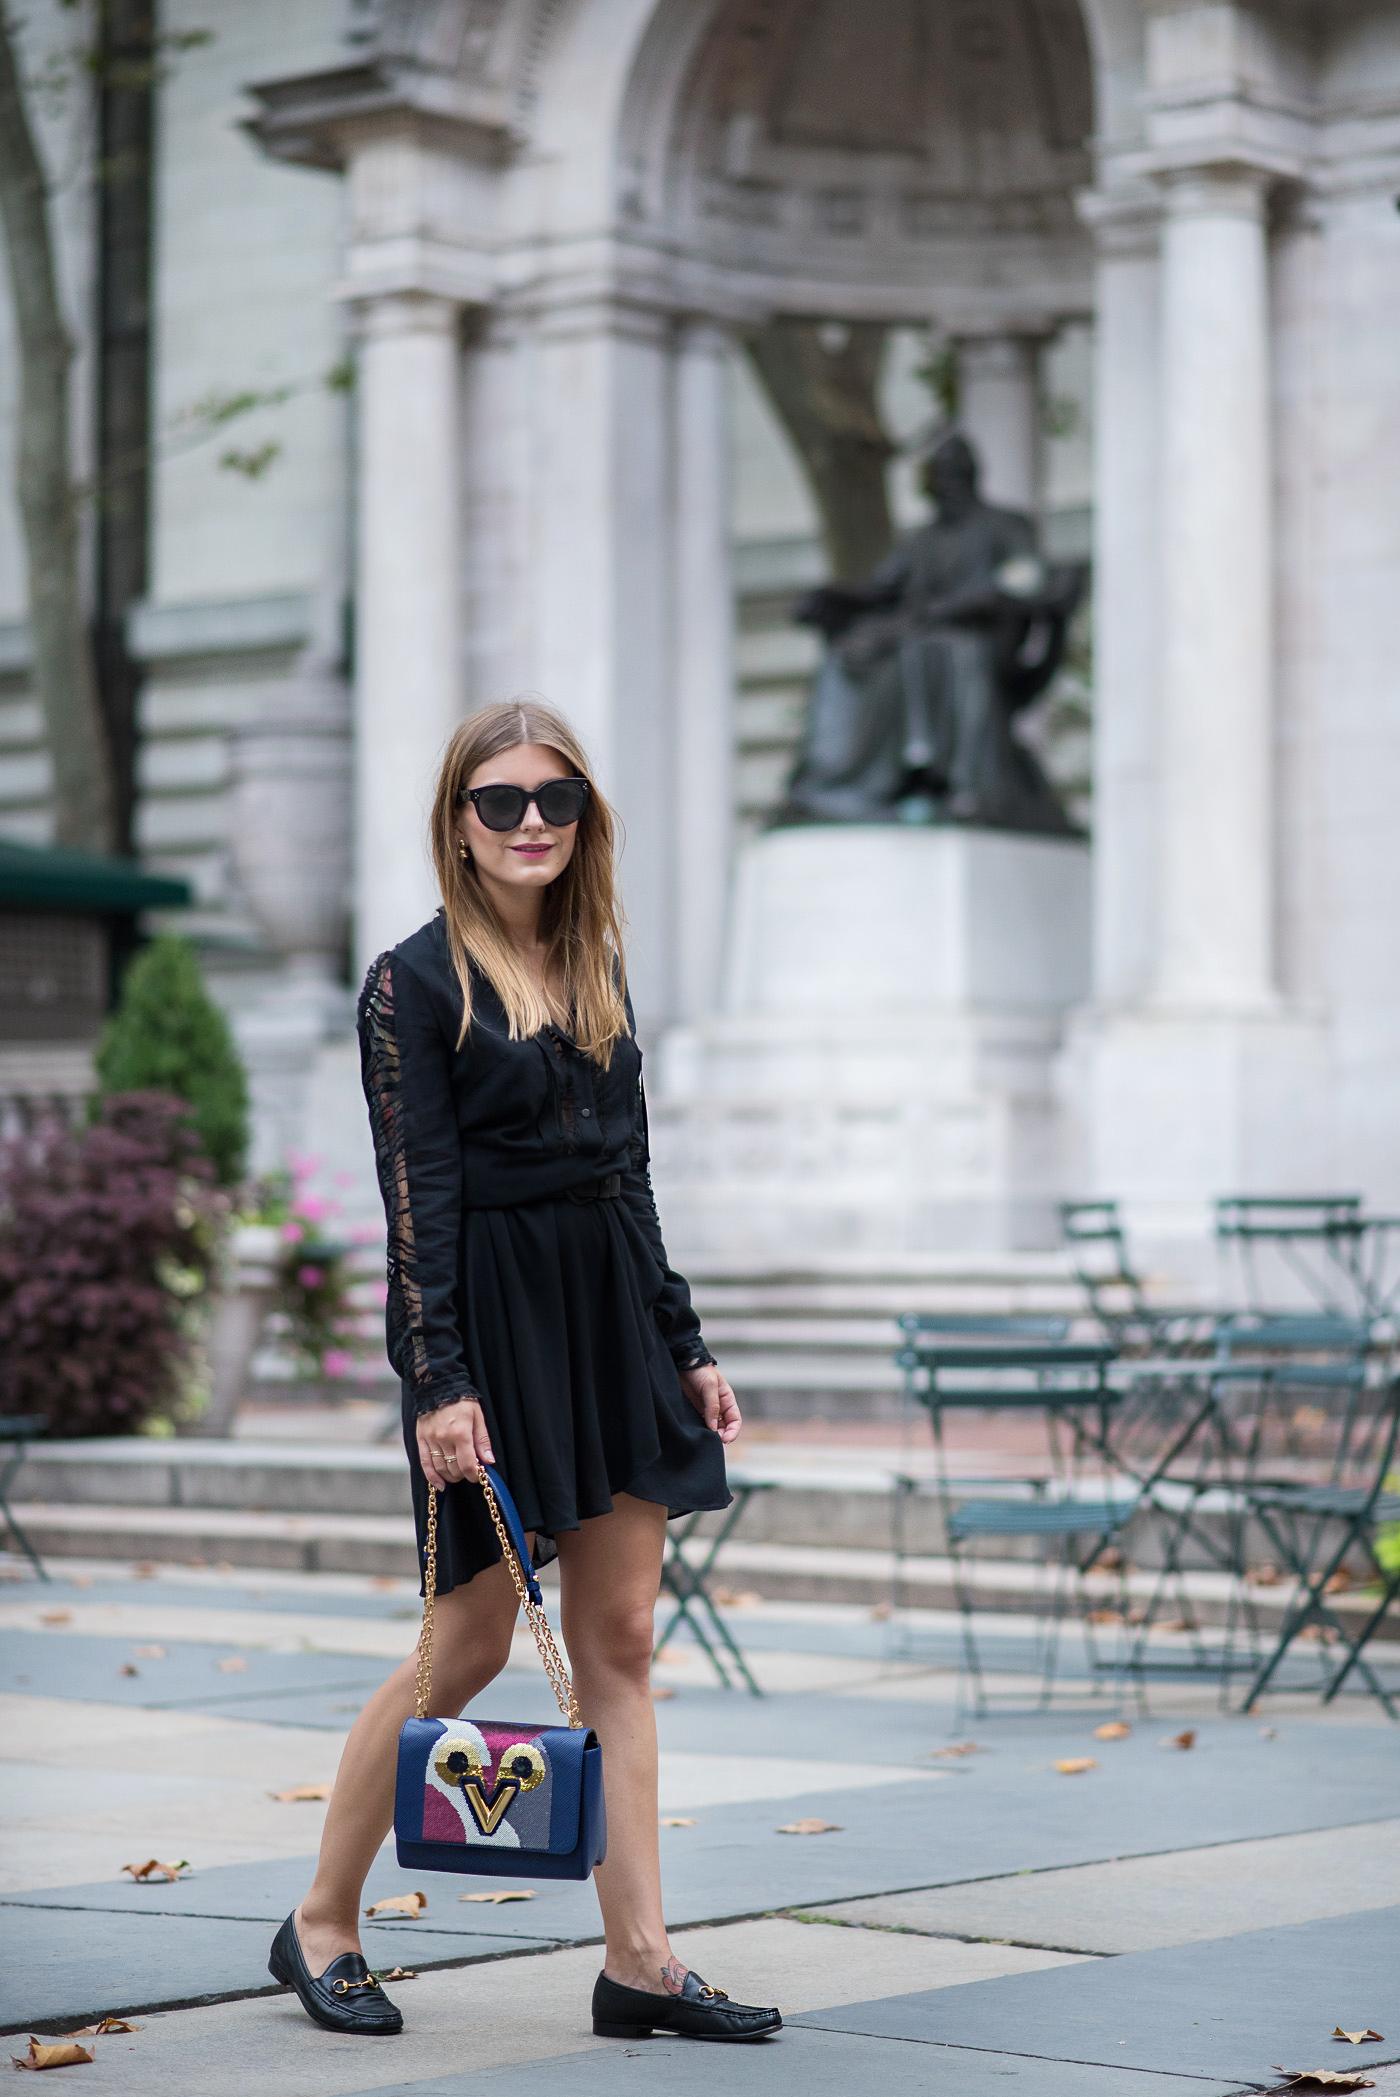 Little_Black_Dress_Lala_Berlin_Louis_Vuitton_Gucci_3